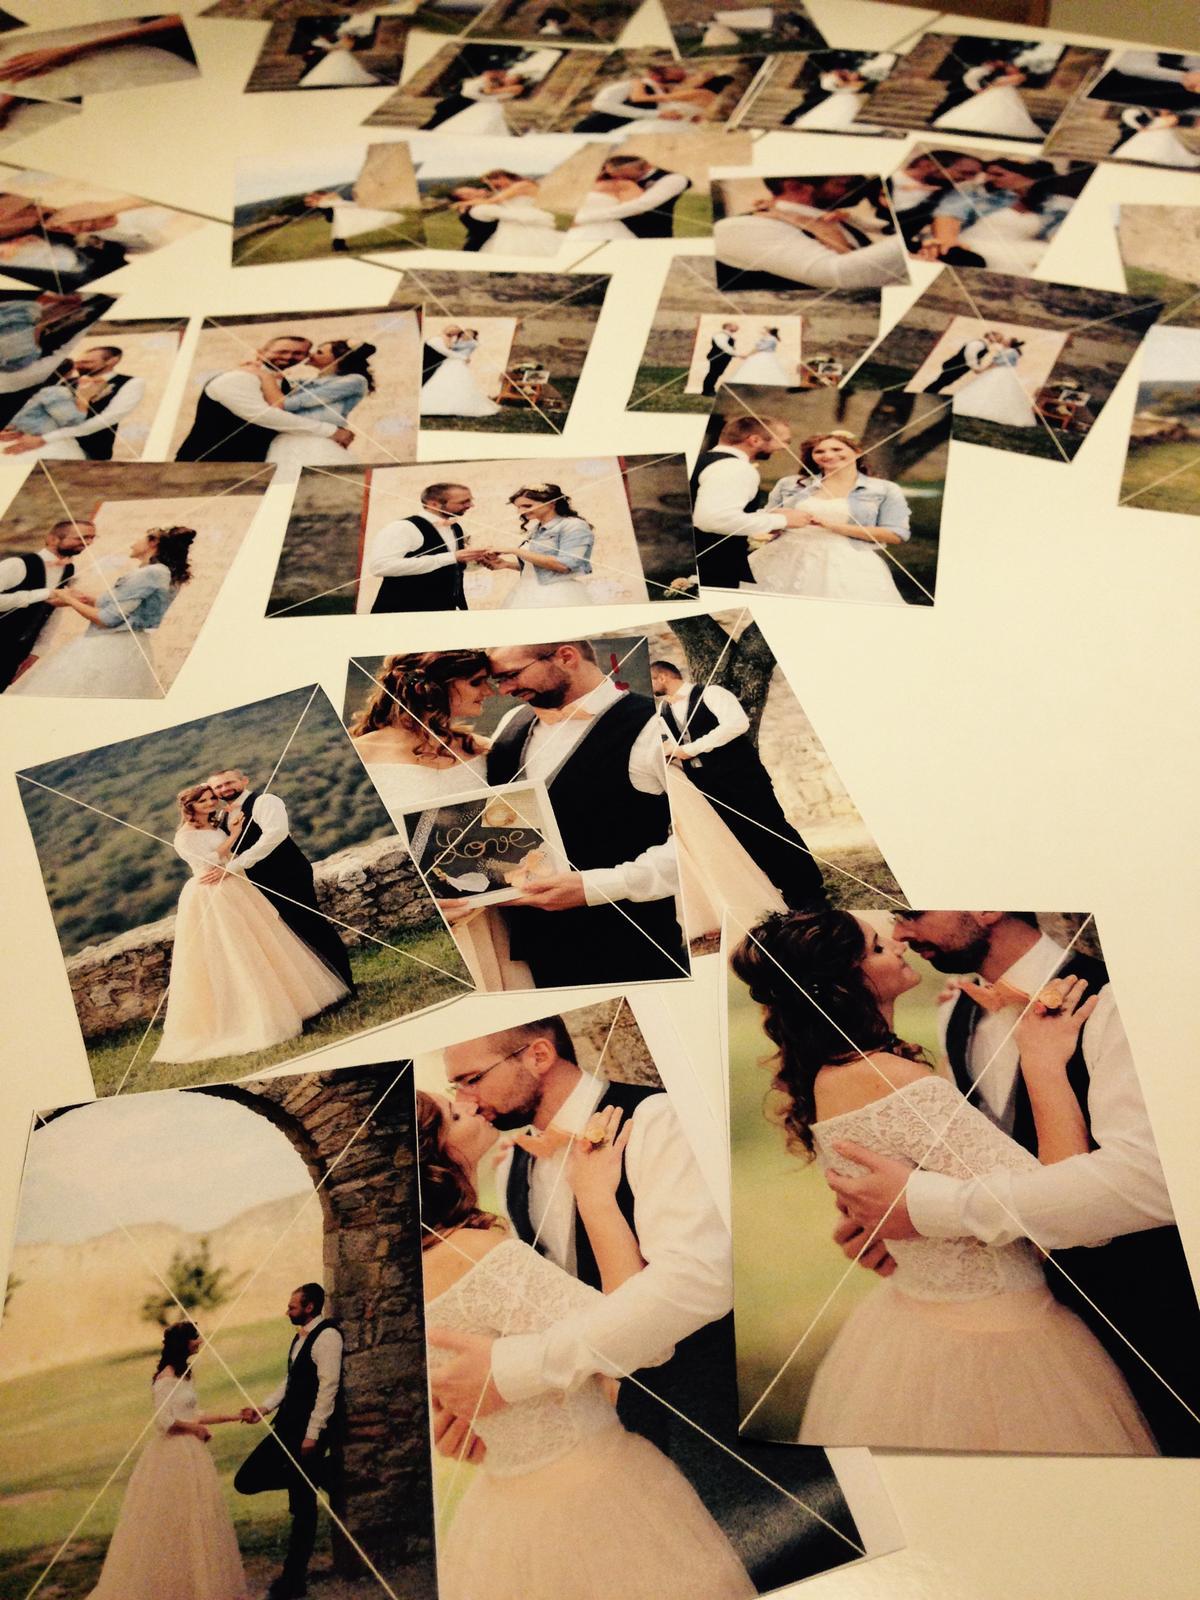 Dnesny vecer sme venovali s drahym vyberu nasich krasnych a mojich vysnivanych svadobnych fotiek! ❤️❤️ Mam ich vytlacene iba provizorne, aby sa mi lepsie vyberalo no uz teraz mam slzy v ociach pri niektorych zaberoch, ked budu vytlacene na final, tak sa asi seriozne rozplacem od stastia ❤️❤️❤️😌 - Obrázok č. 1